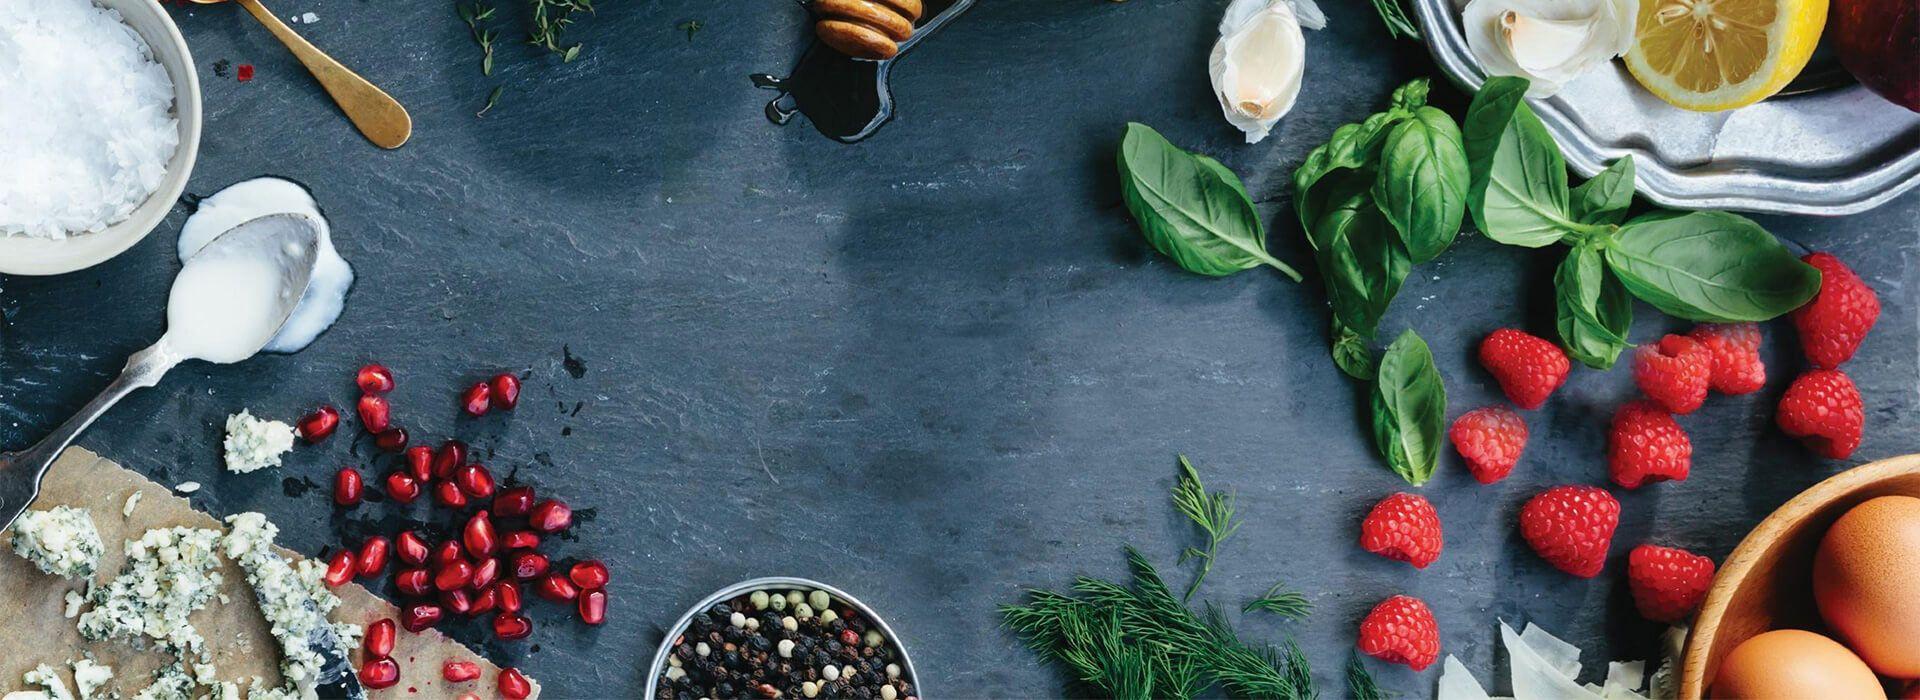 Venta de frutas y verduras en sevilla